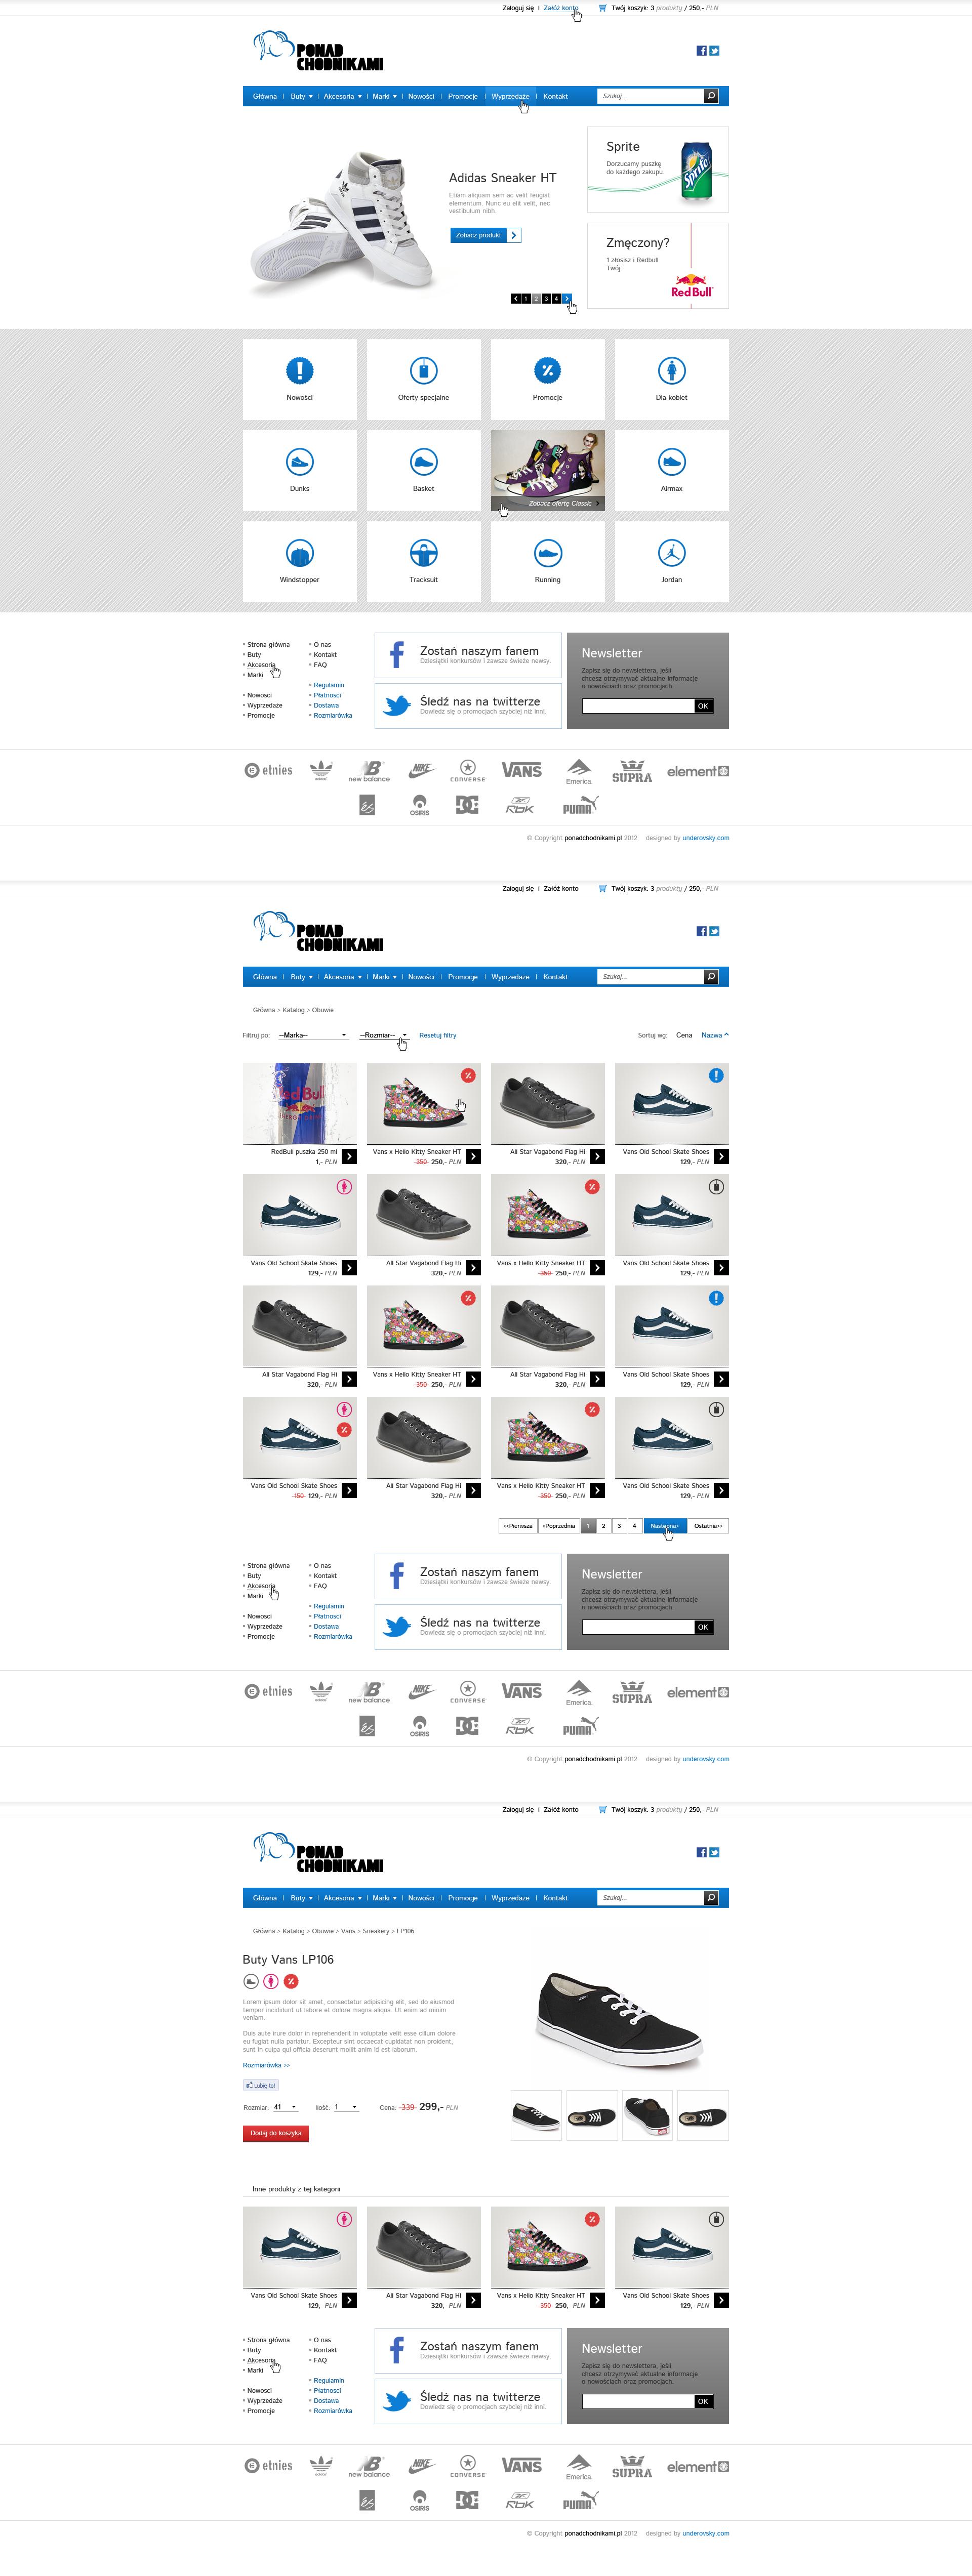 ponadchodnikami.pl layout